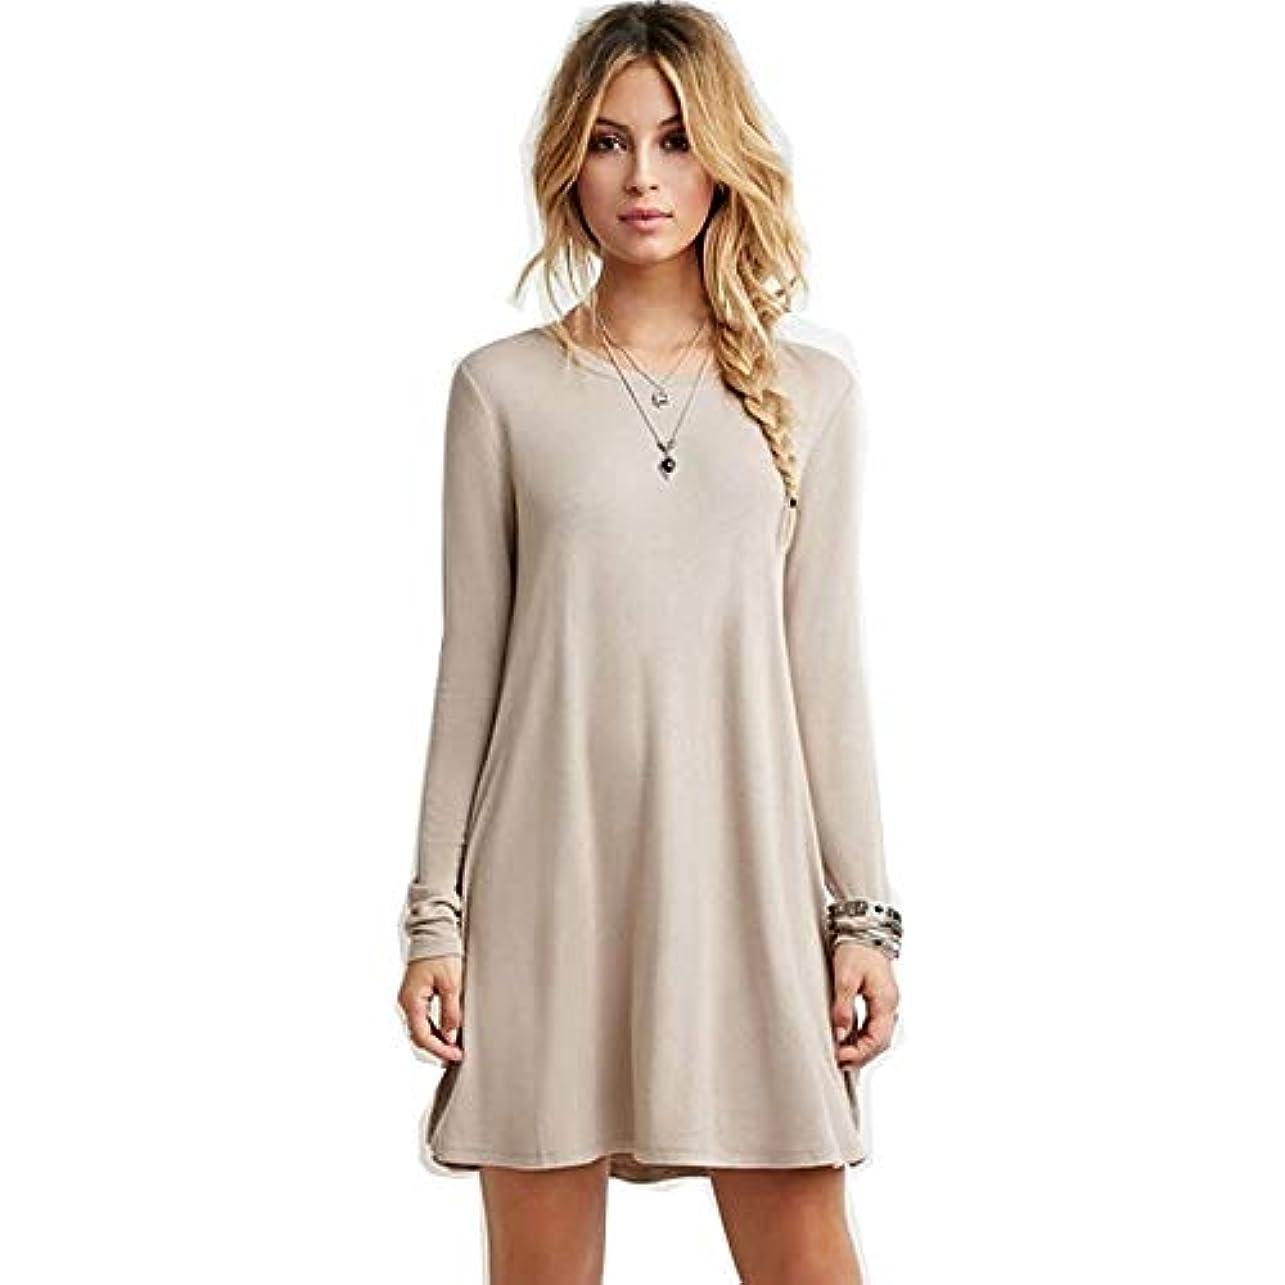 資源コンドームアフリカMIFANルースドレス、プラスサイズのドレス、長袖のドレス、女性のドレス、秋のドレス、マキシドレス、コットンドレス